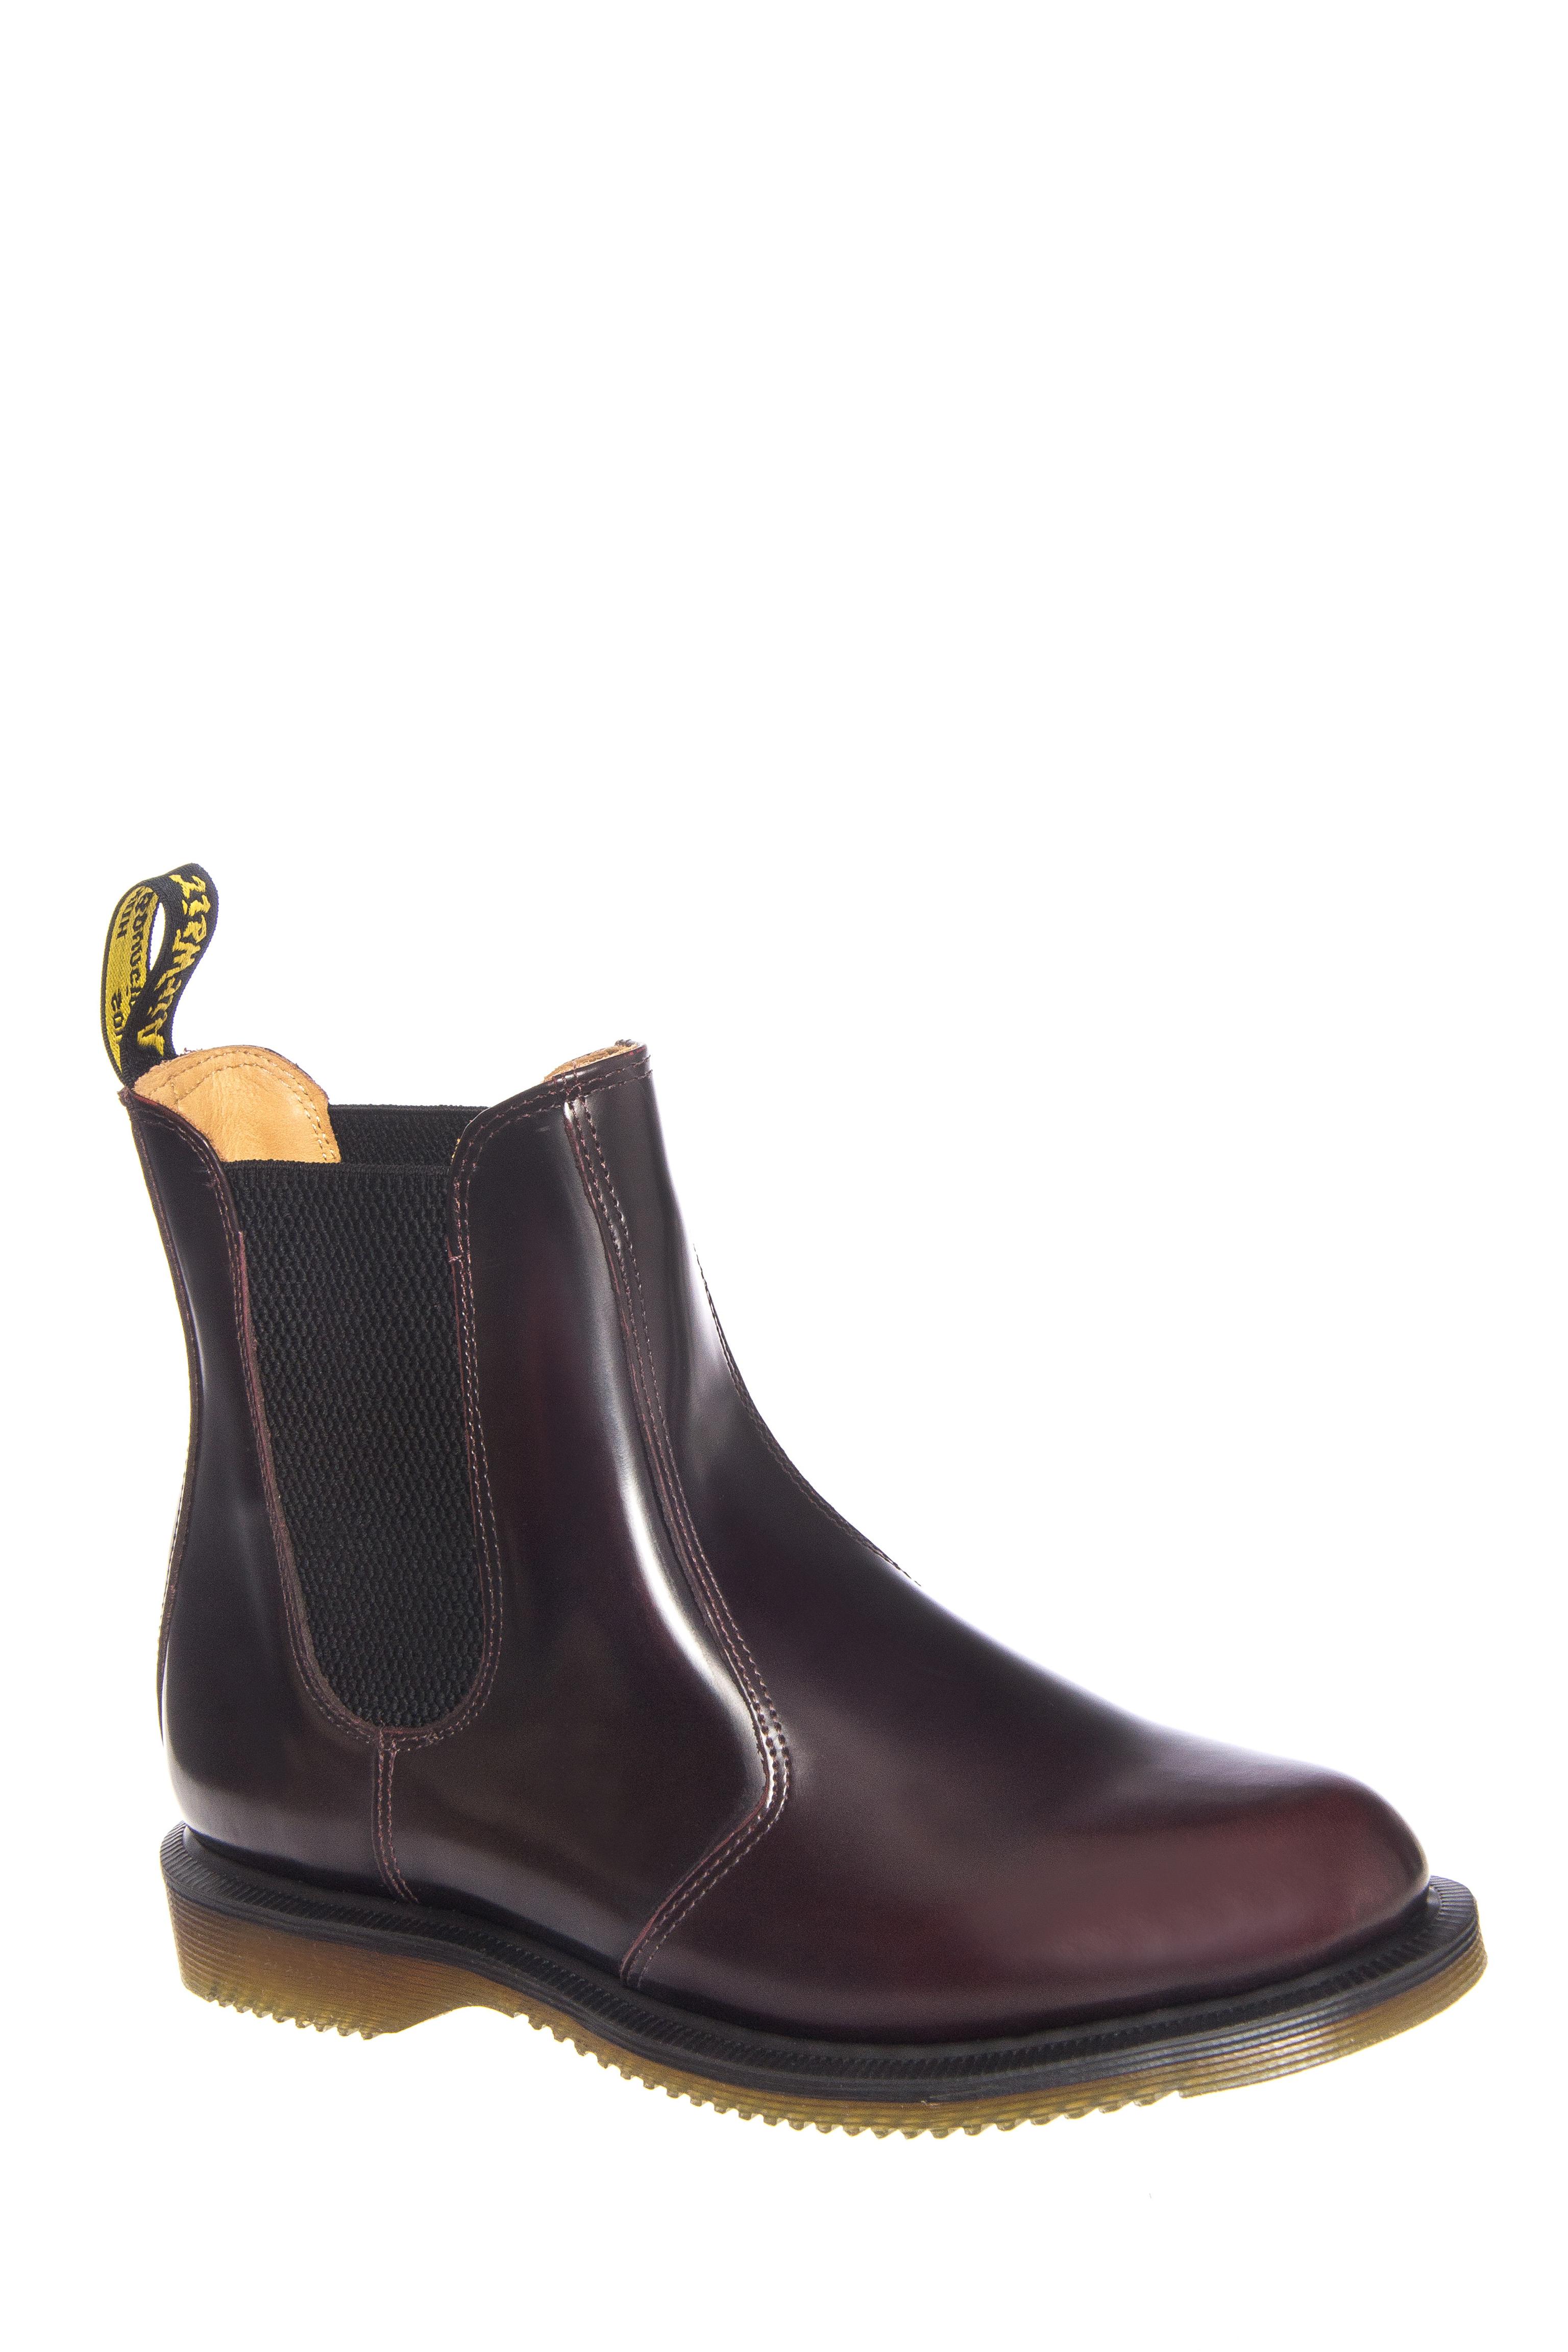 Dr. Martens Flora Chelsea Boots - Cherry